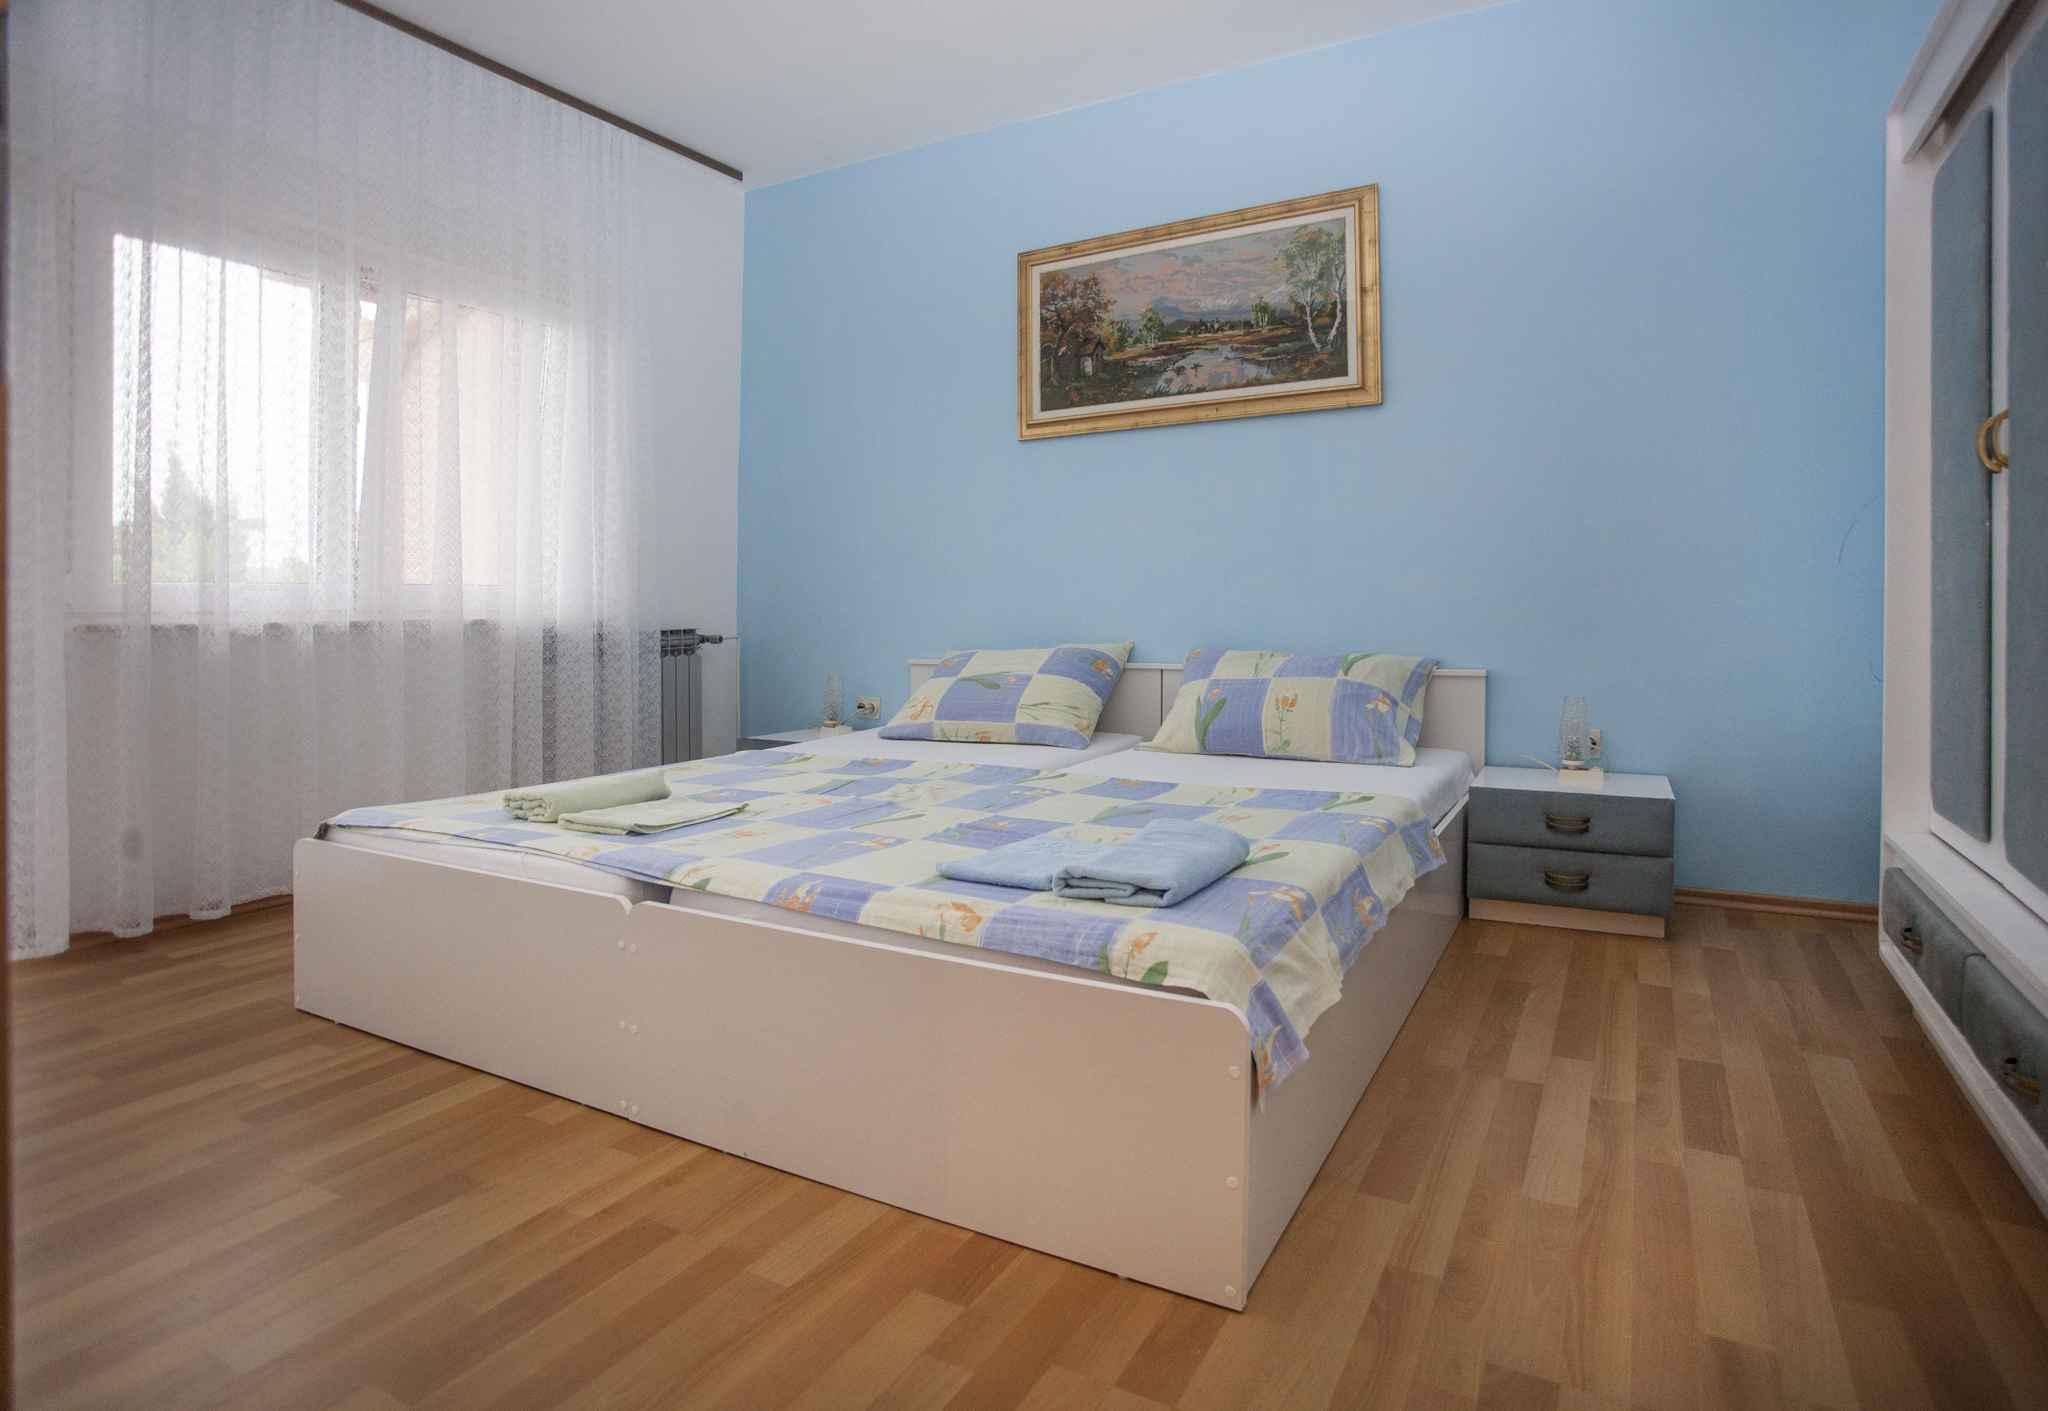 Ferienwohnung mit Balkon und Klimaanlage (281002), Rovinj, , Istrien, Kroatien, Bild 21